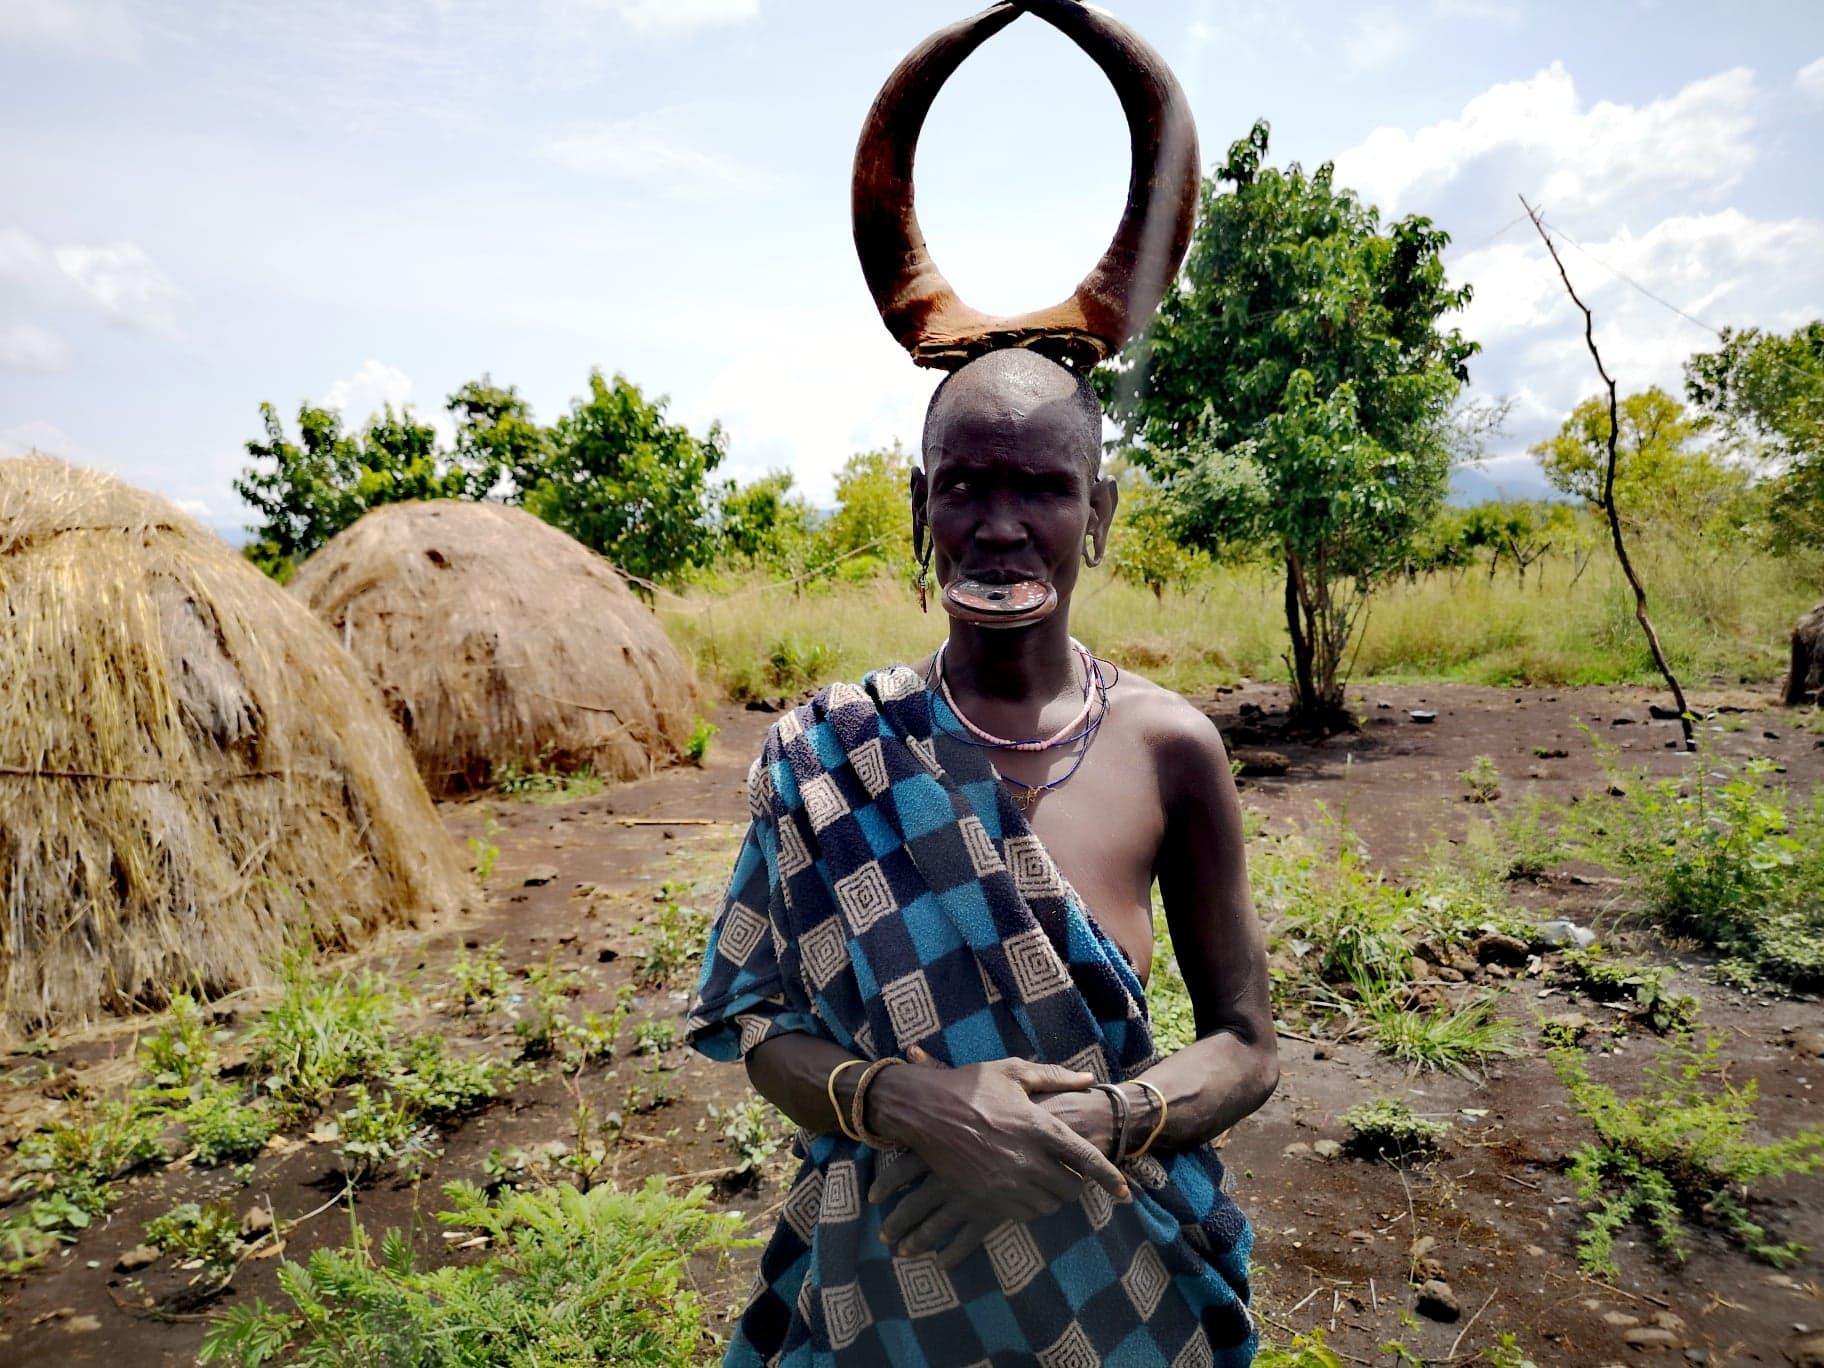 Mursi-damene i Etiopia: Når leppestørrelsen teller